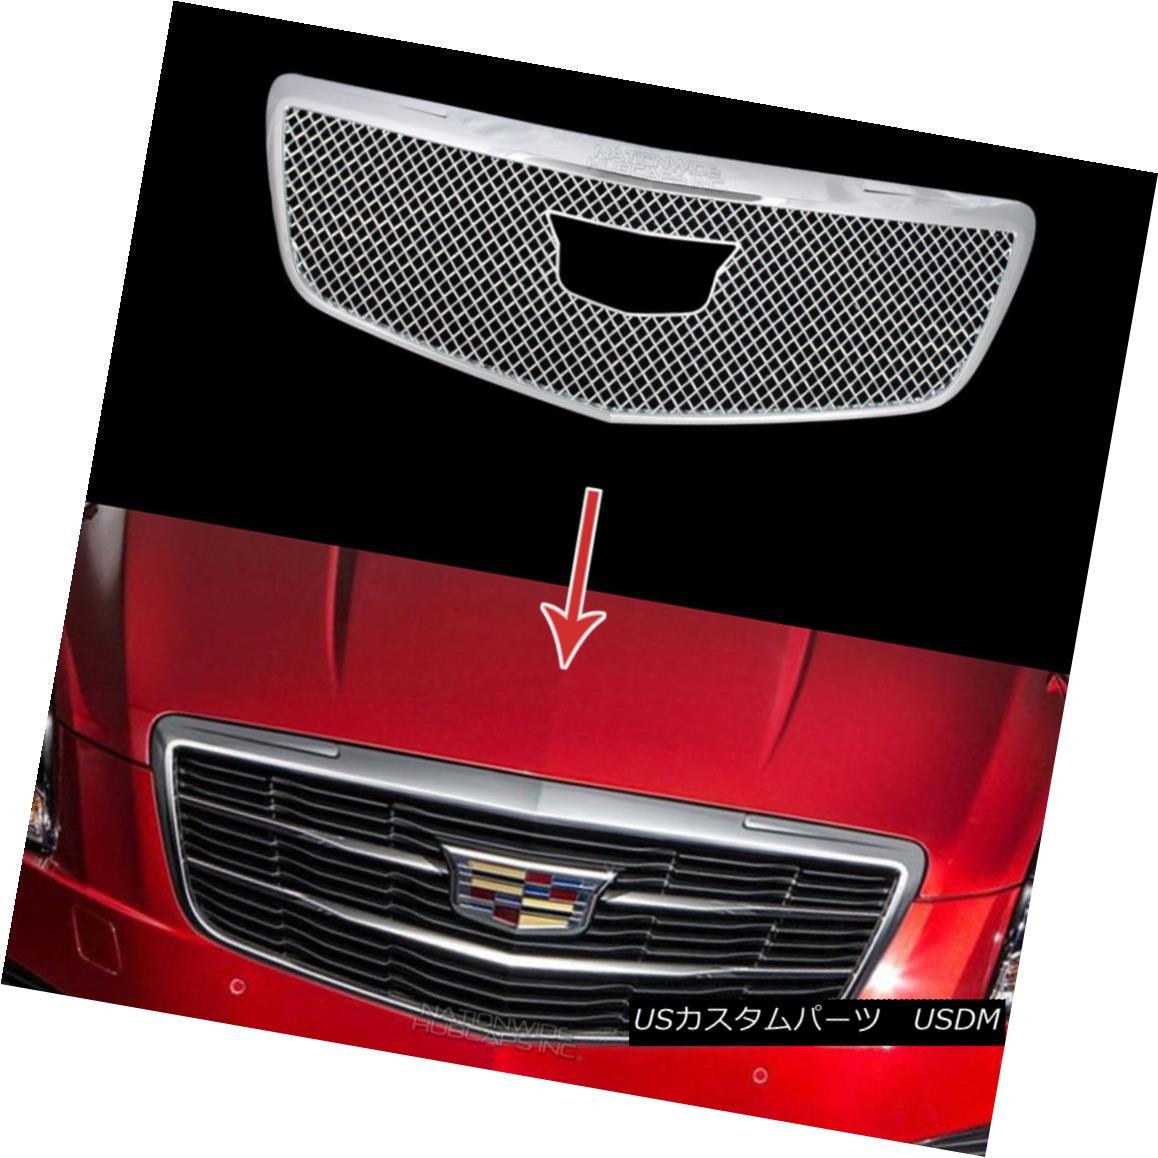 グリル 2015-2018 Cadillac ATS Chrome Snap On Grille Overlay Front Grill Covers Insert 2015-2018キャデラックATSクロムスナップオングリルオーバーレイフロントグリルカバーインサート